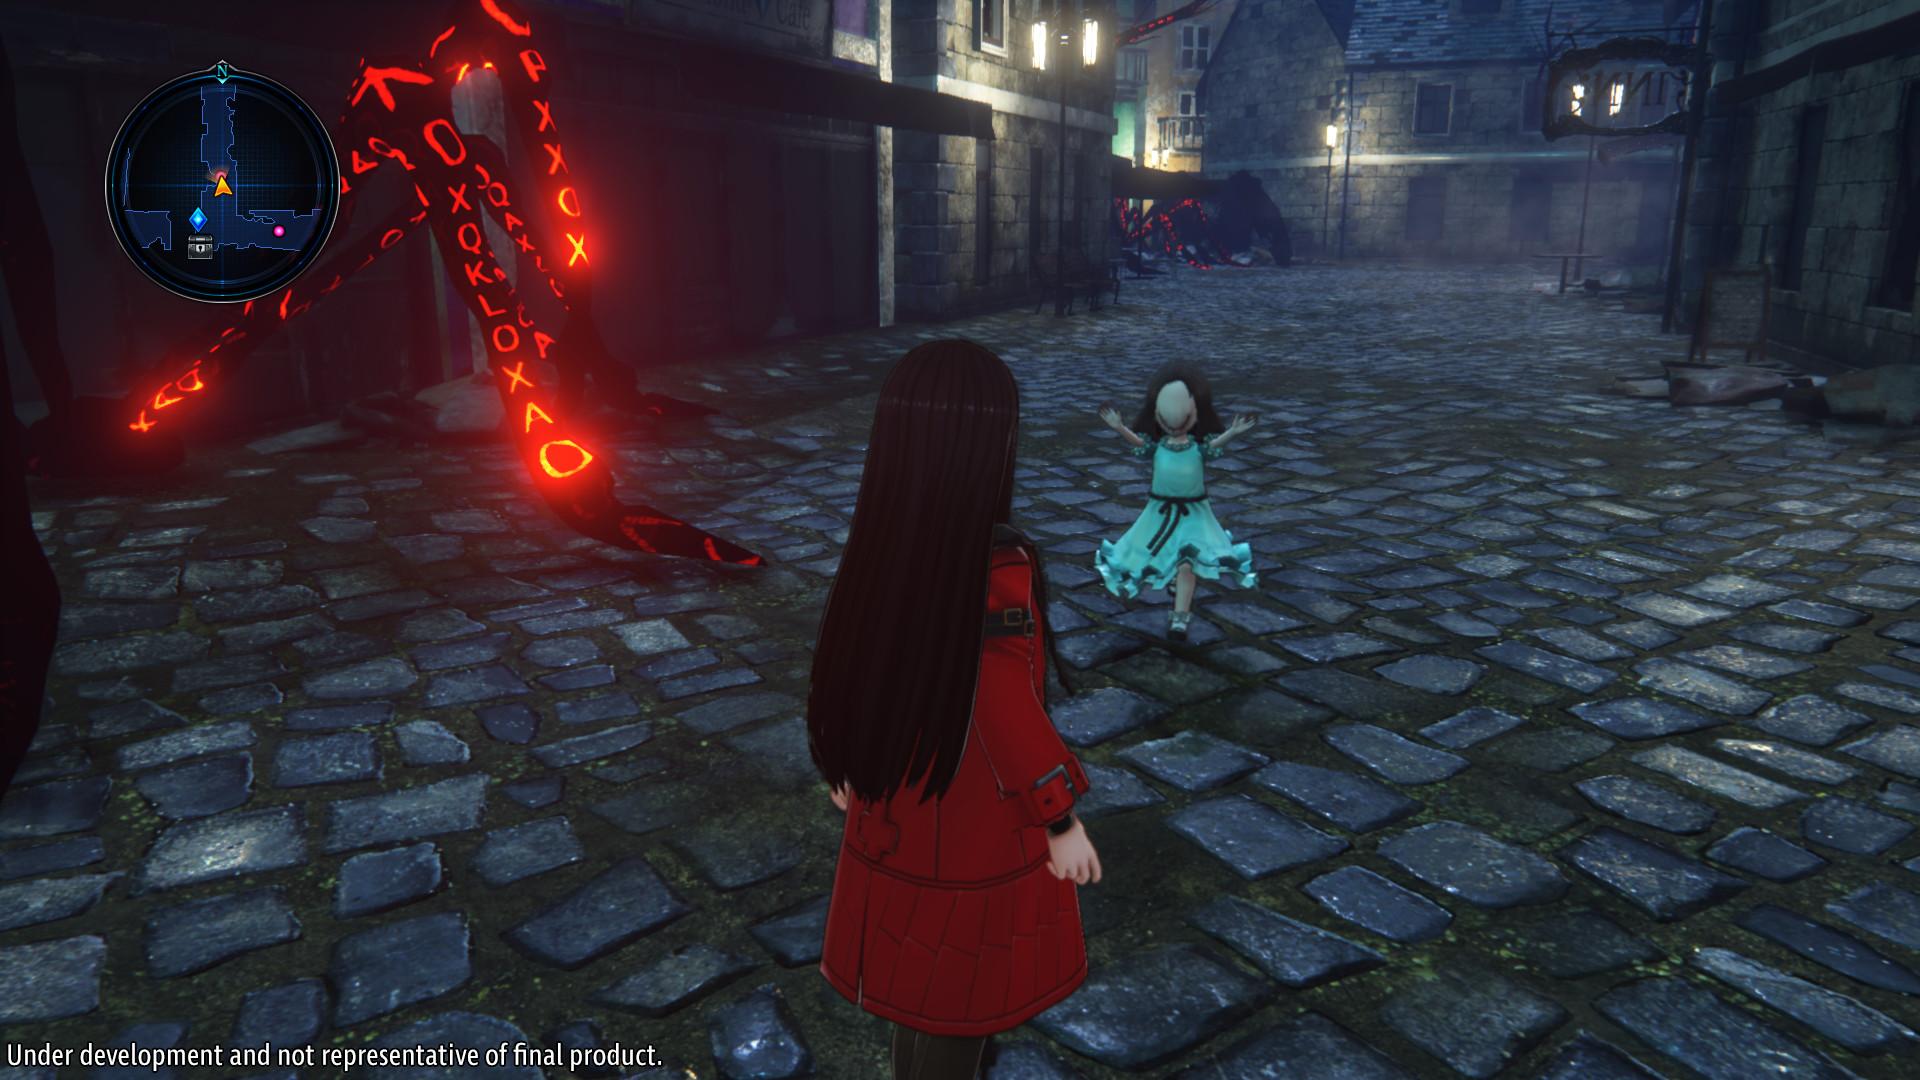 死亡终局:轮回试炼2/Death end re;Quest 2插图1